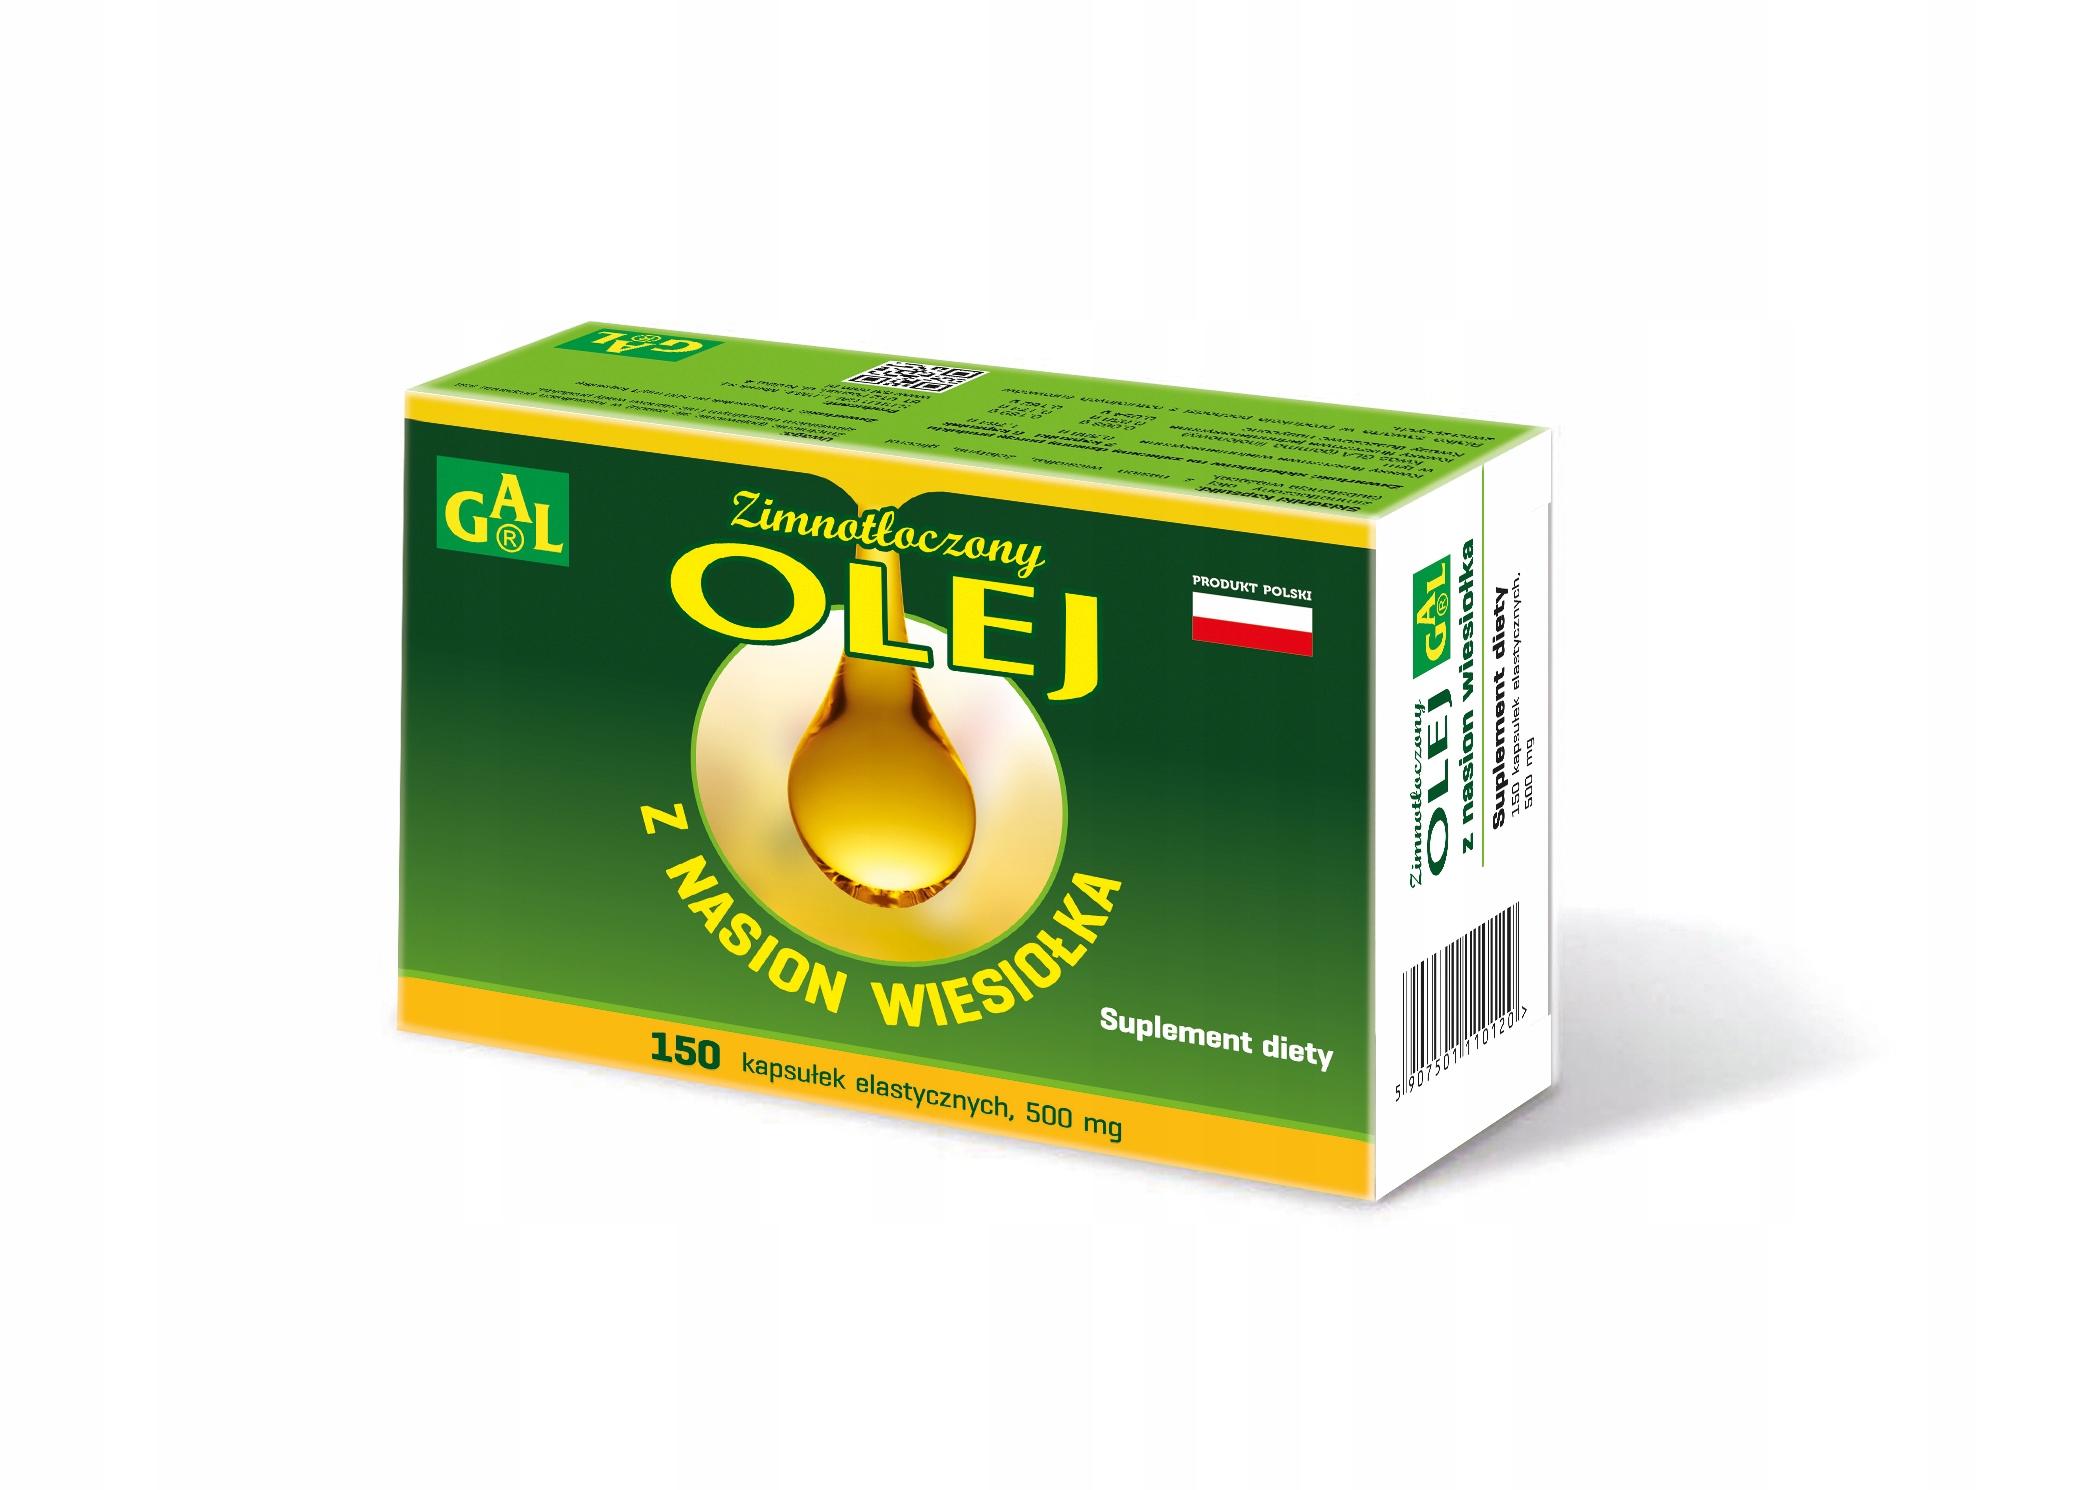 GAL Olej z nasion wiesiołka 150 kapsułek